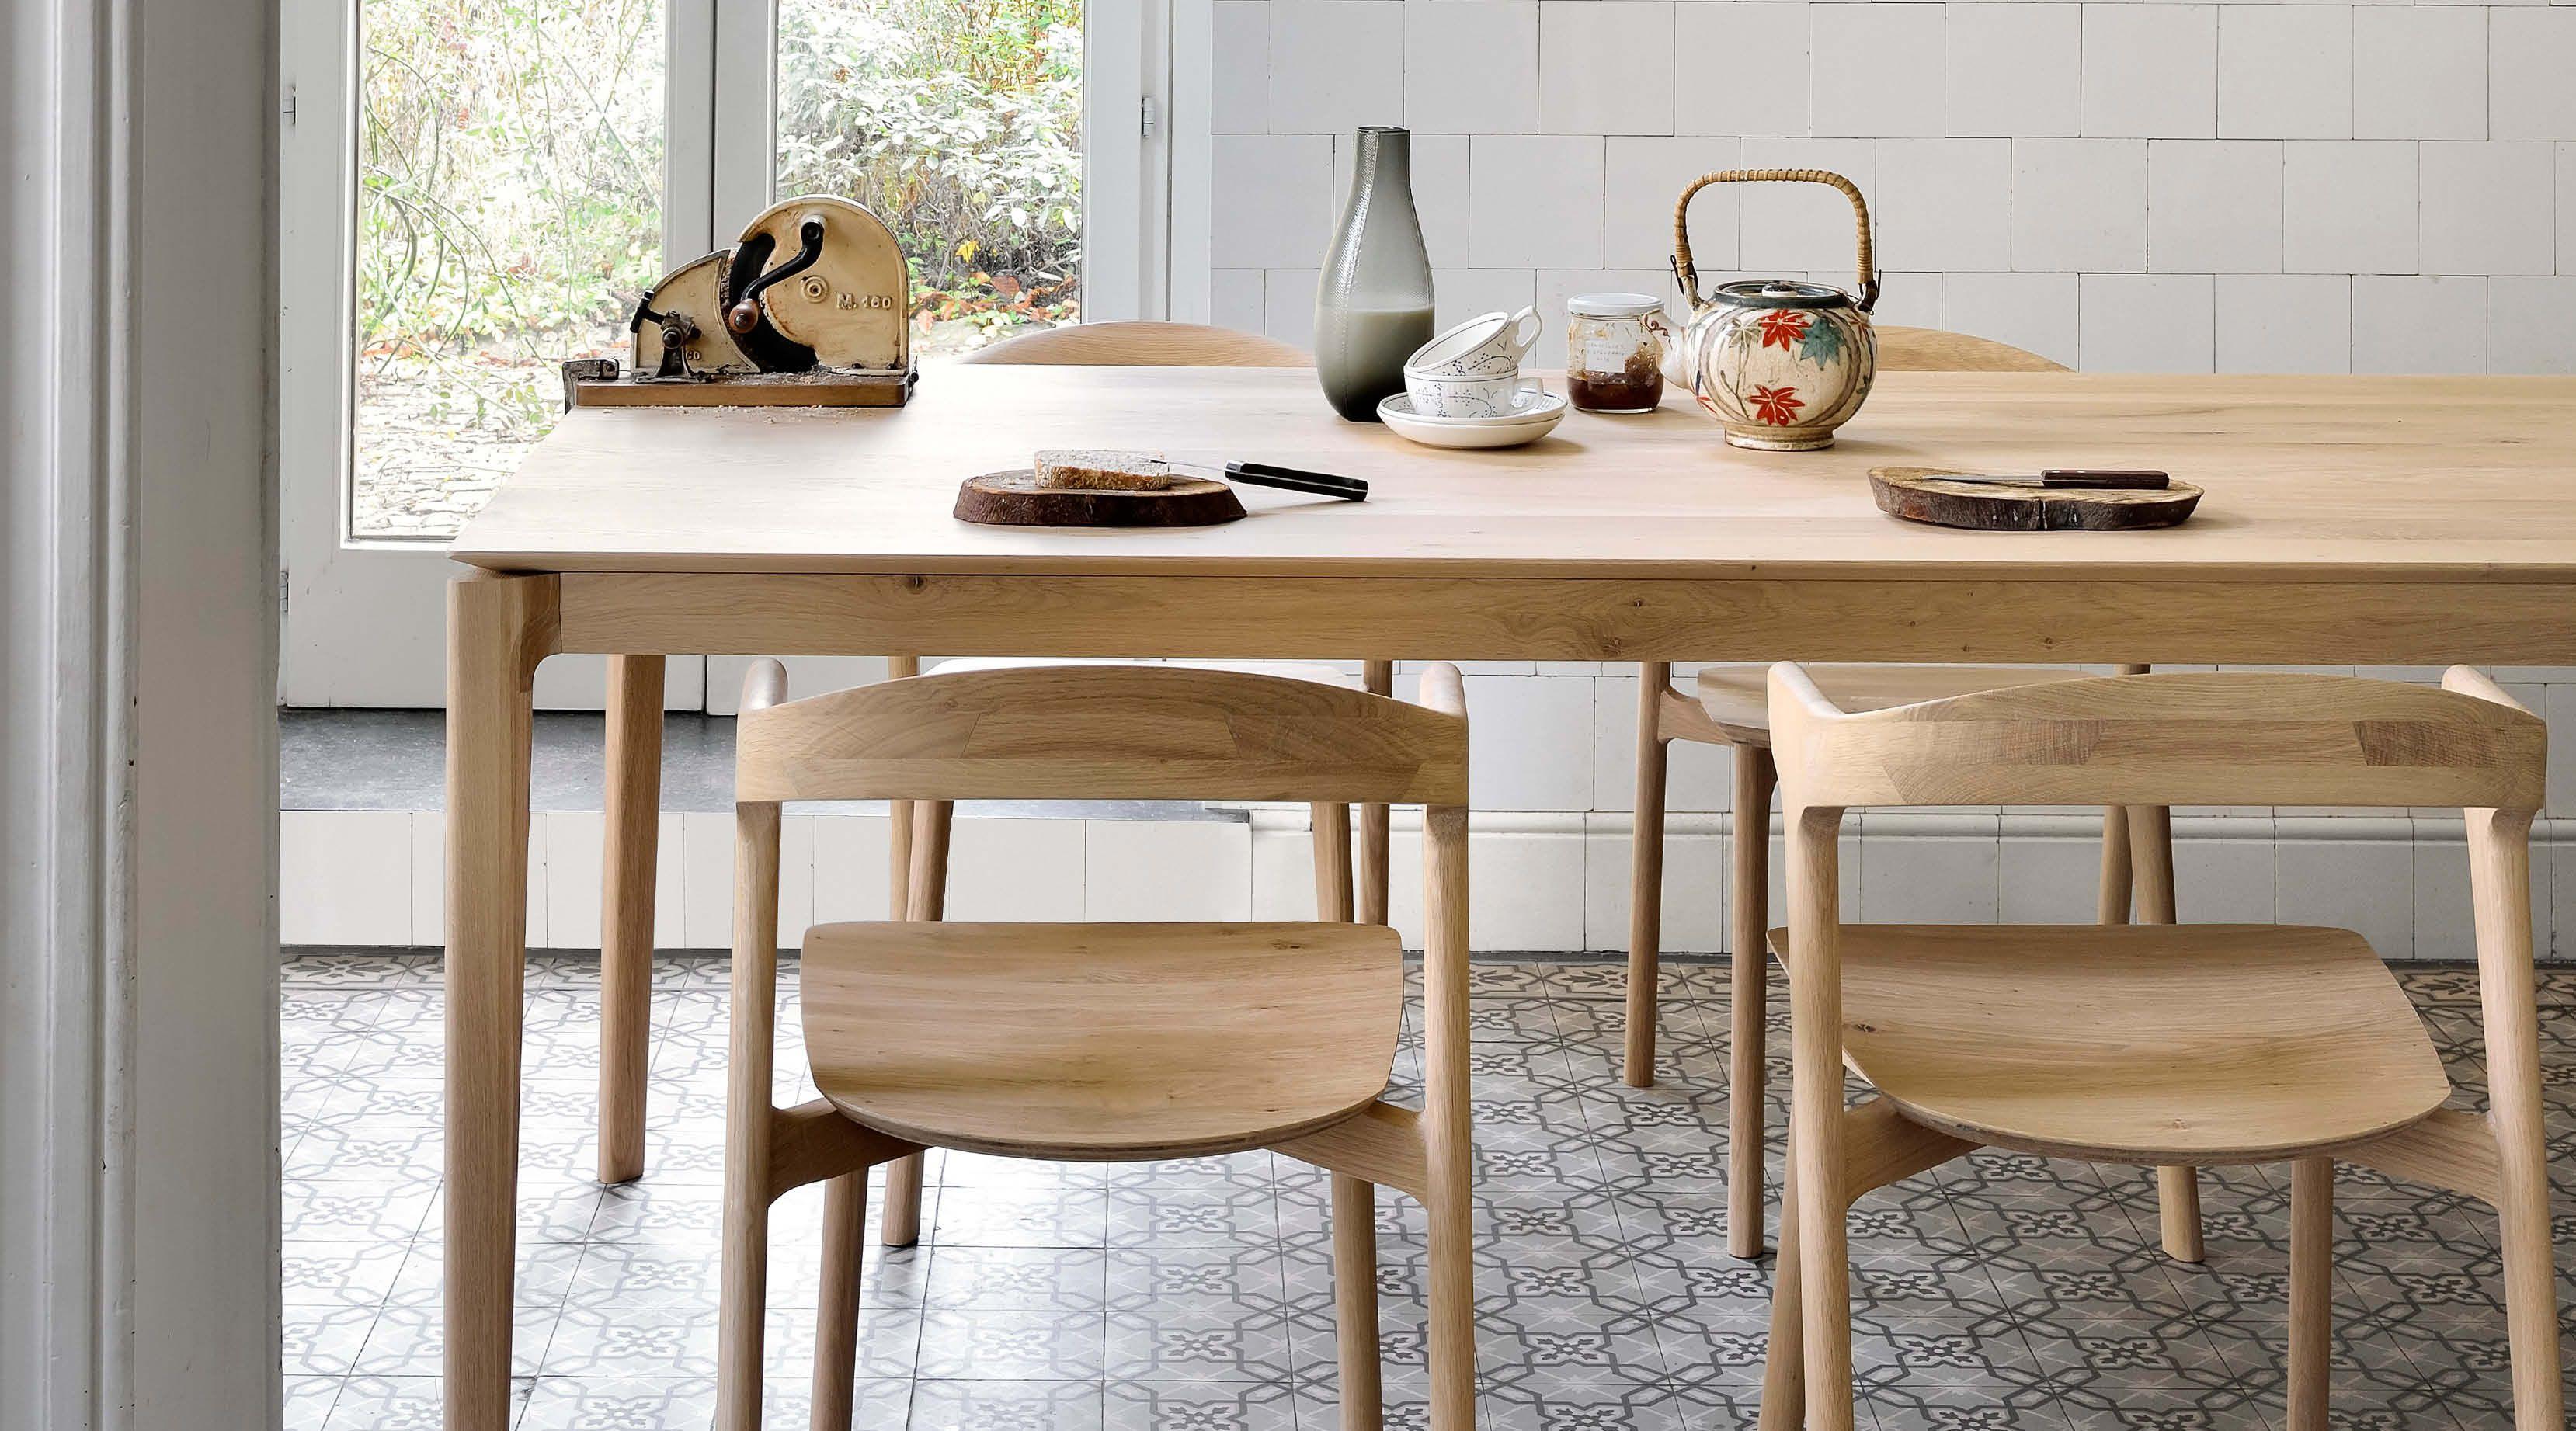 eettafels > Eetkamers | Meubelwinkel Top Interieur meubelen | Home ...